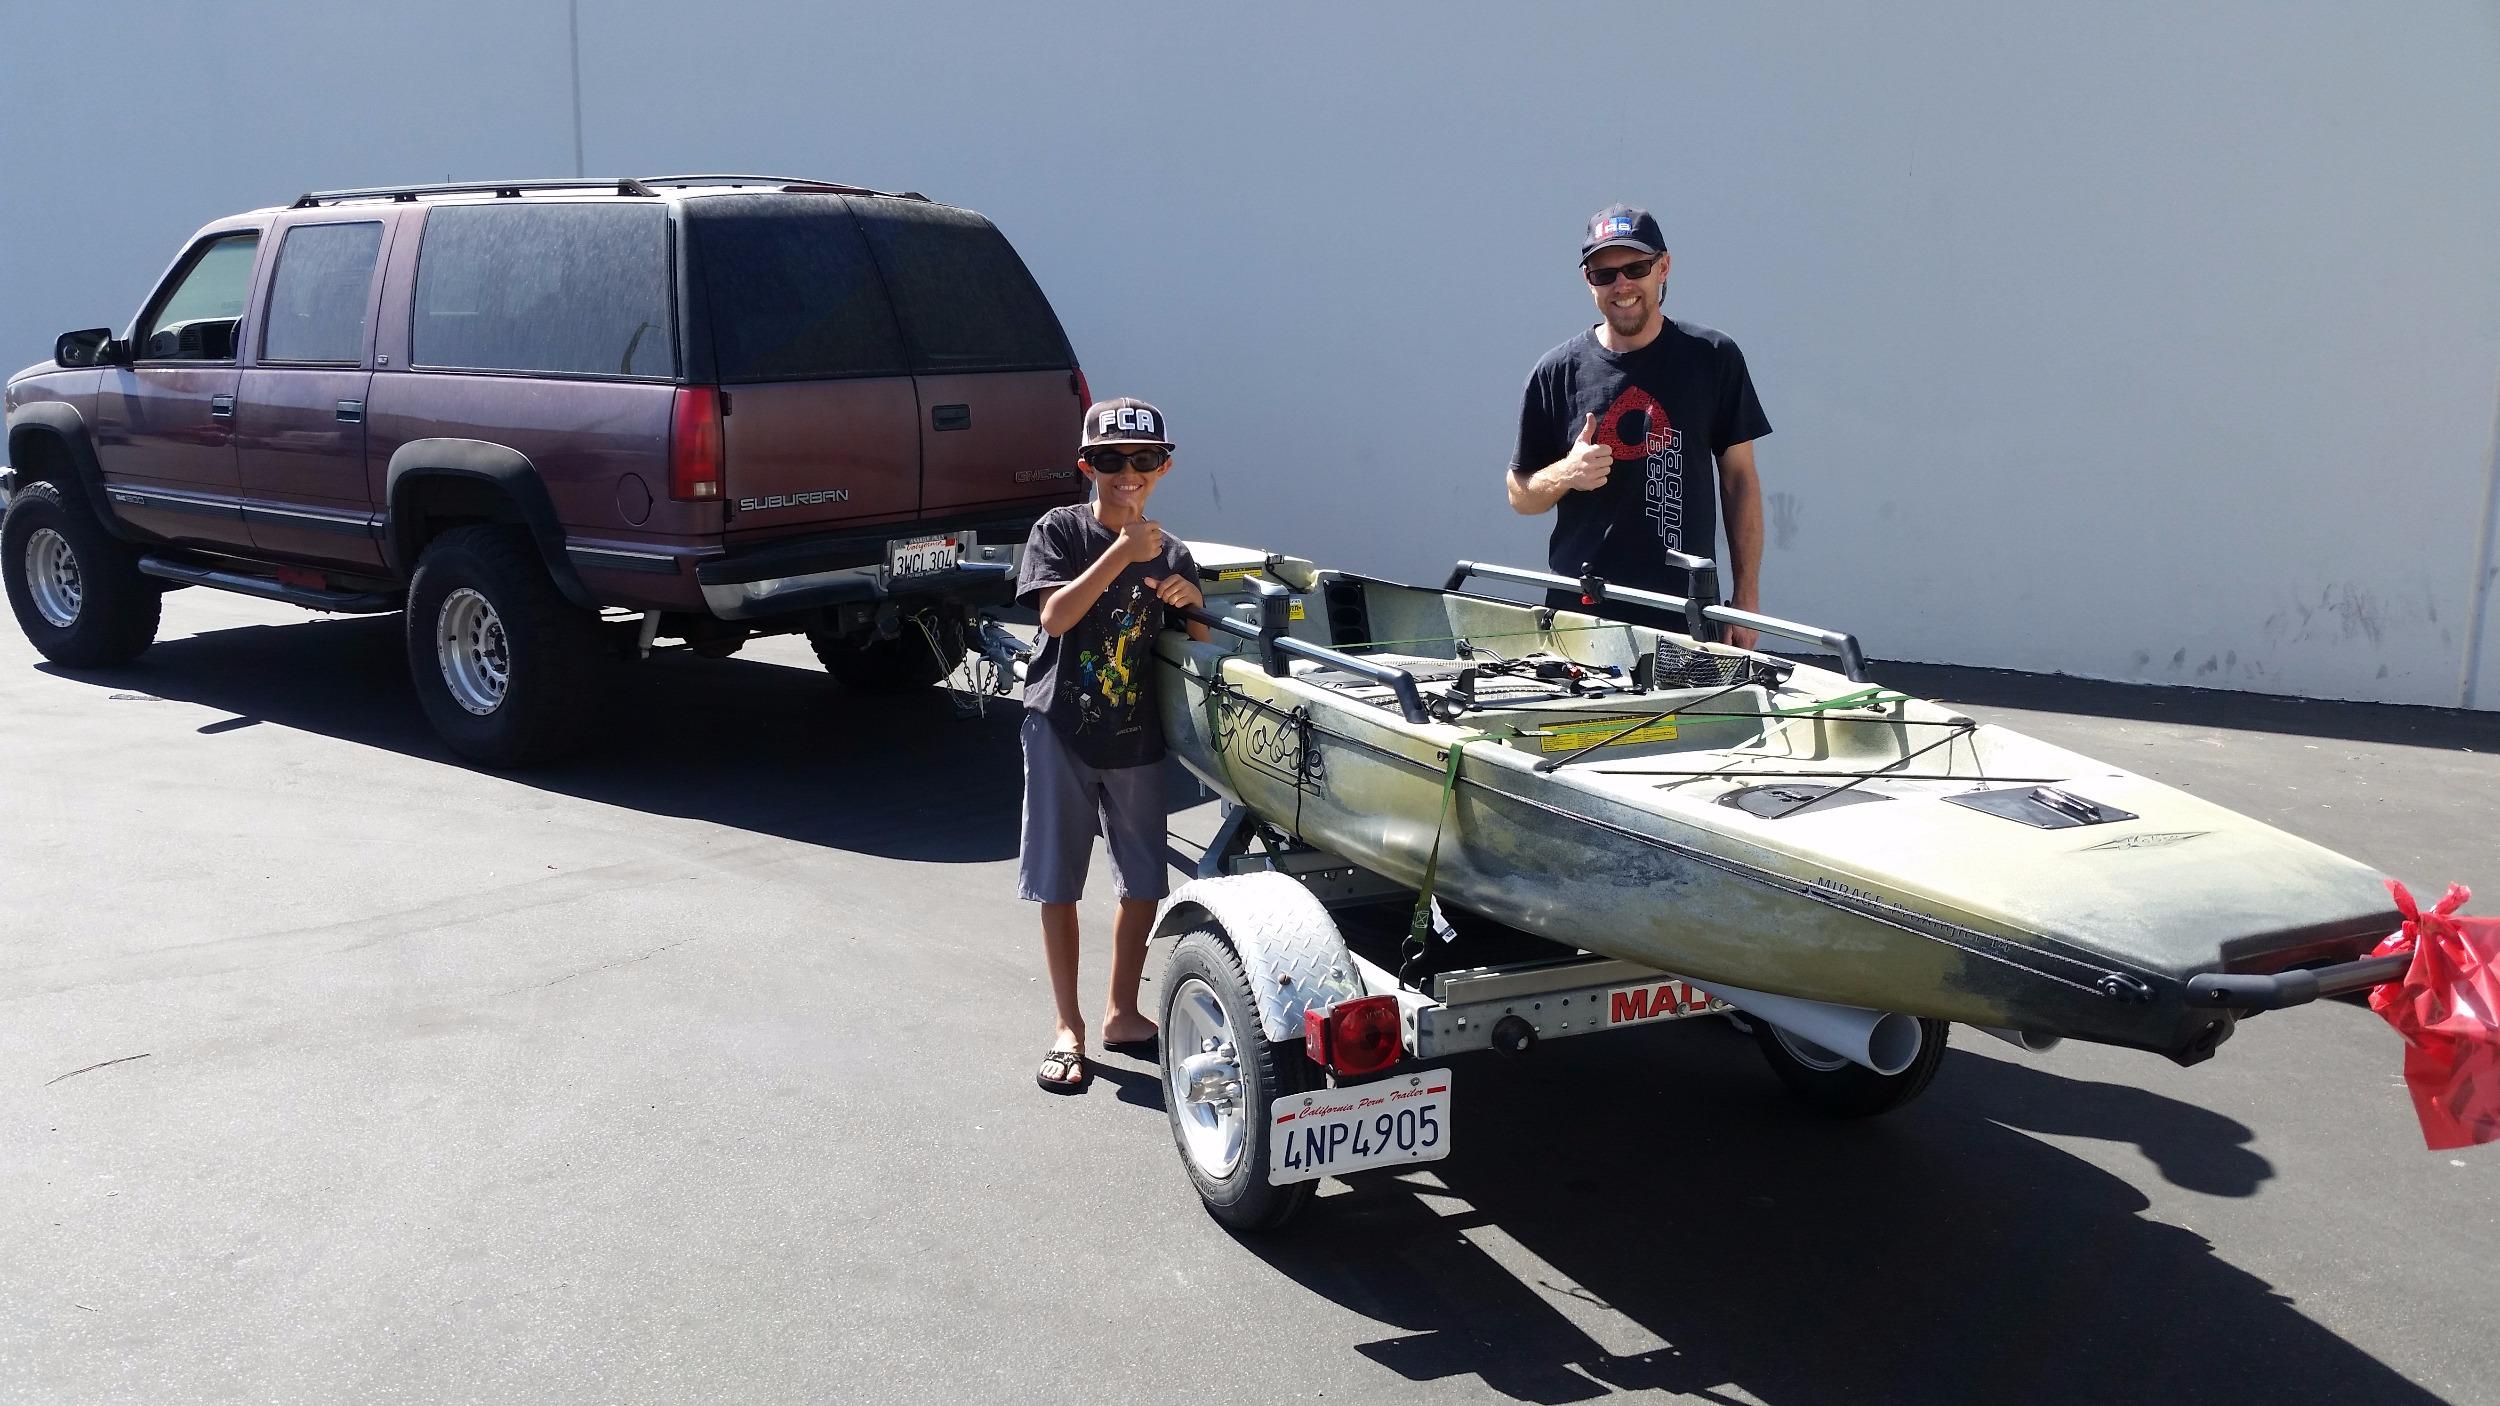 v roof products car spo rack for canoe flyvinuse storage flying kayak suspenz